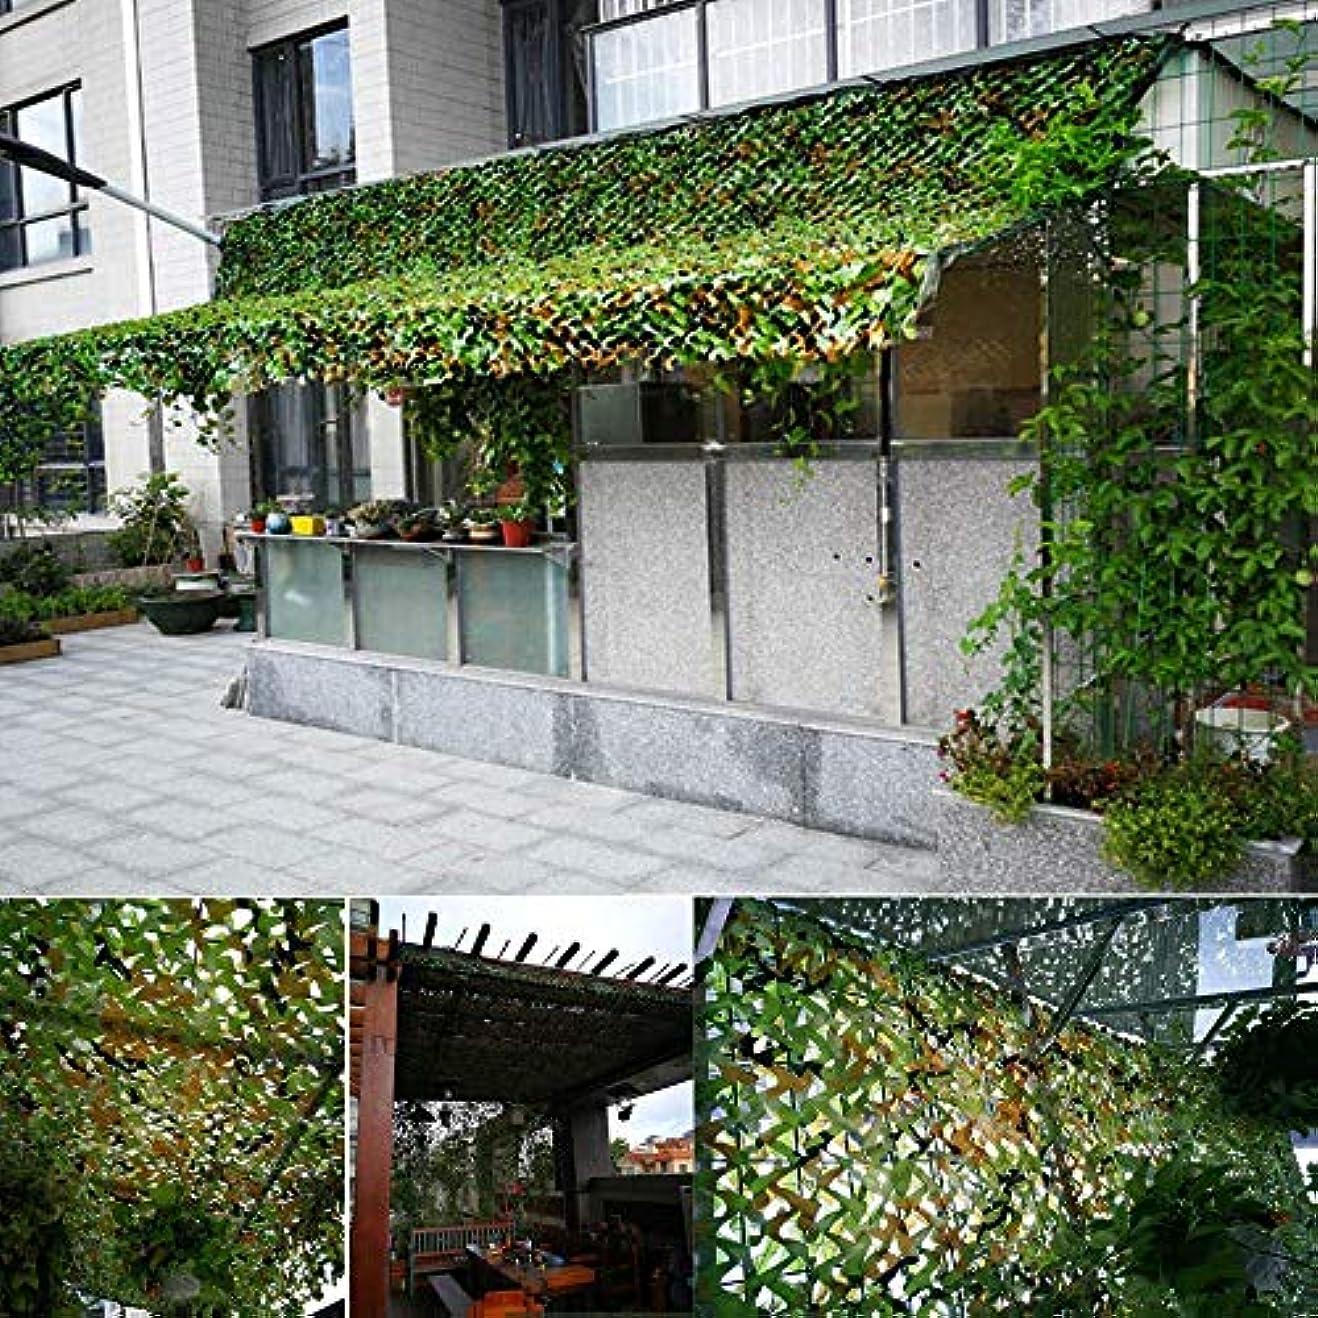 少なくともレオナルドダフライカイト迷彩ネットは遮光ネットオーニングターポリン 日焼け止 迷彩ネットサンシェードネット用屋根装飾保護オックスフォード布生地様々なサイズ迷彩グリーン 利用できる多数のサイズ (Size : 2*10M)